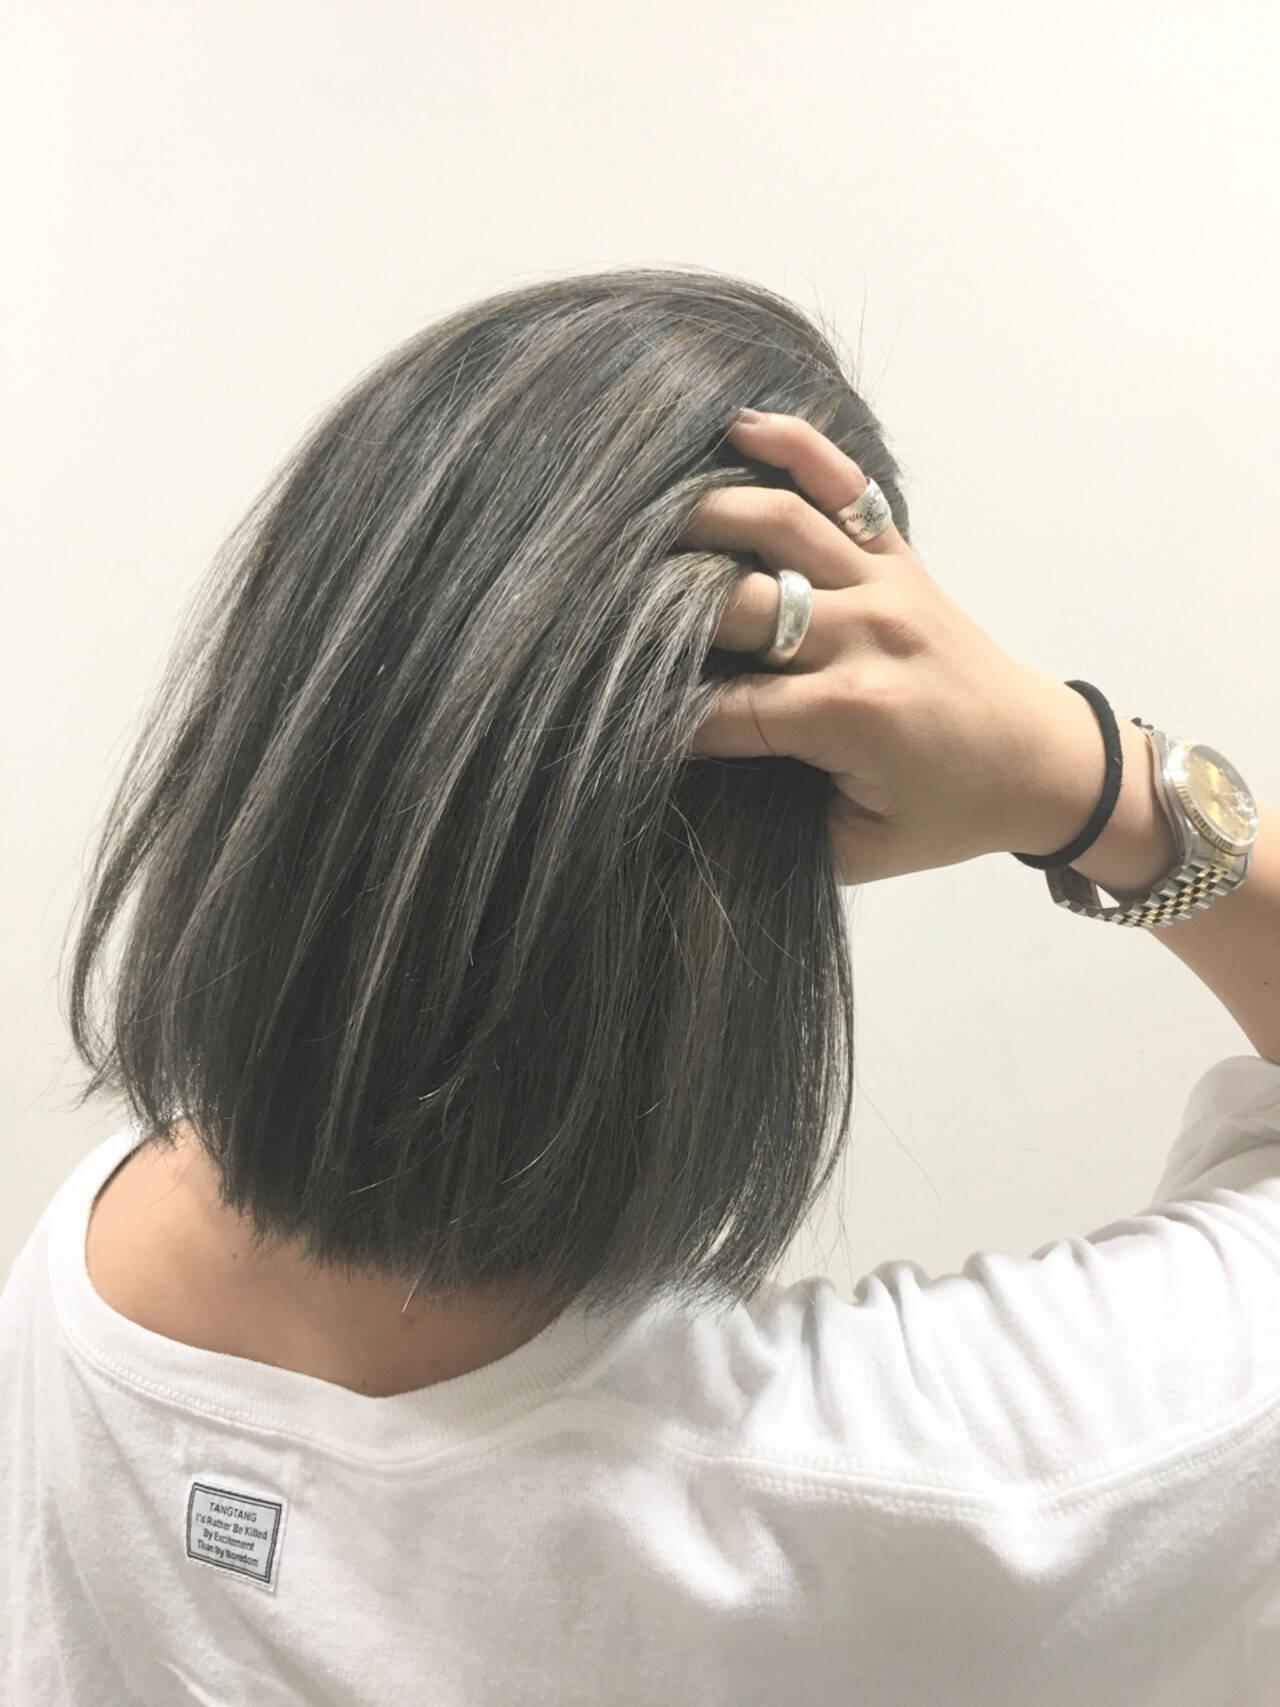 ボブ ハイライト 暗髪 アッシュヘアスタイルや髪型の写真・画像